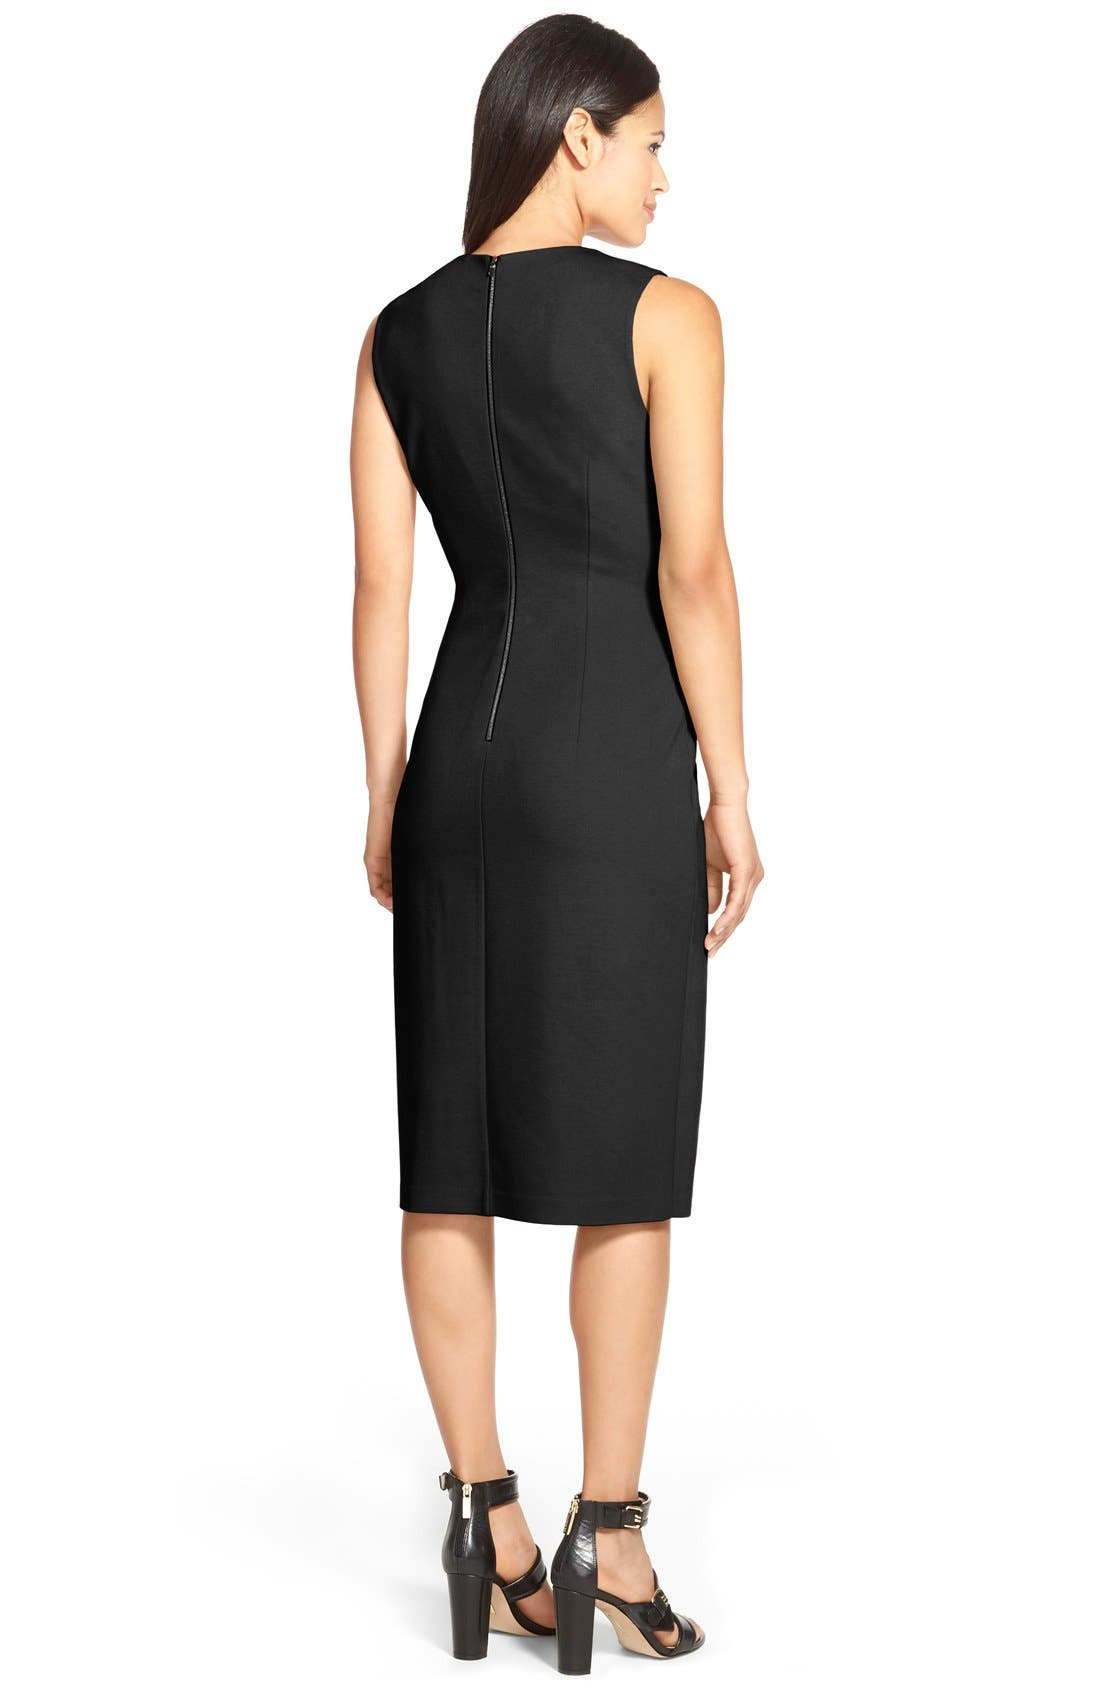 'Ava' Drape Detail Double Knit Dress,                             Alternate thumbnail 2, color,                             001